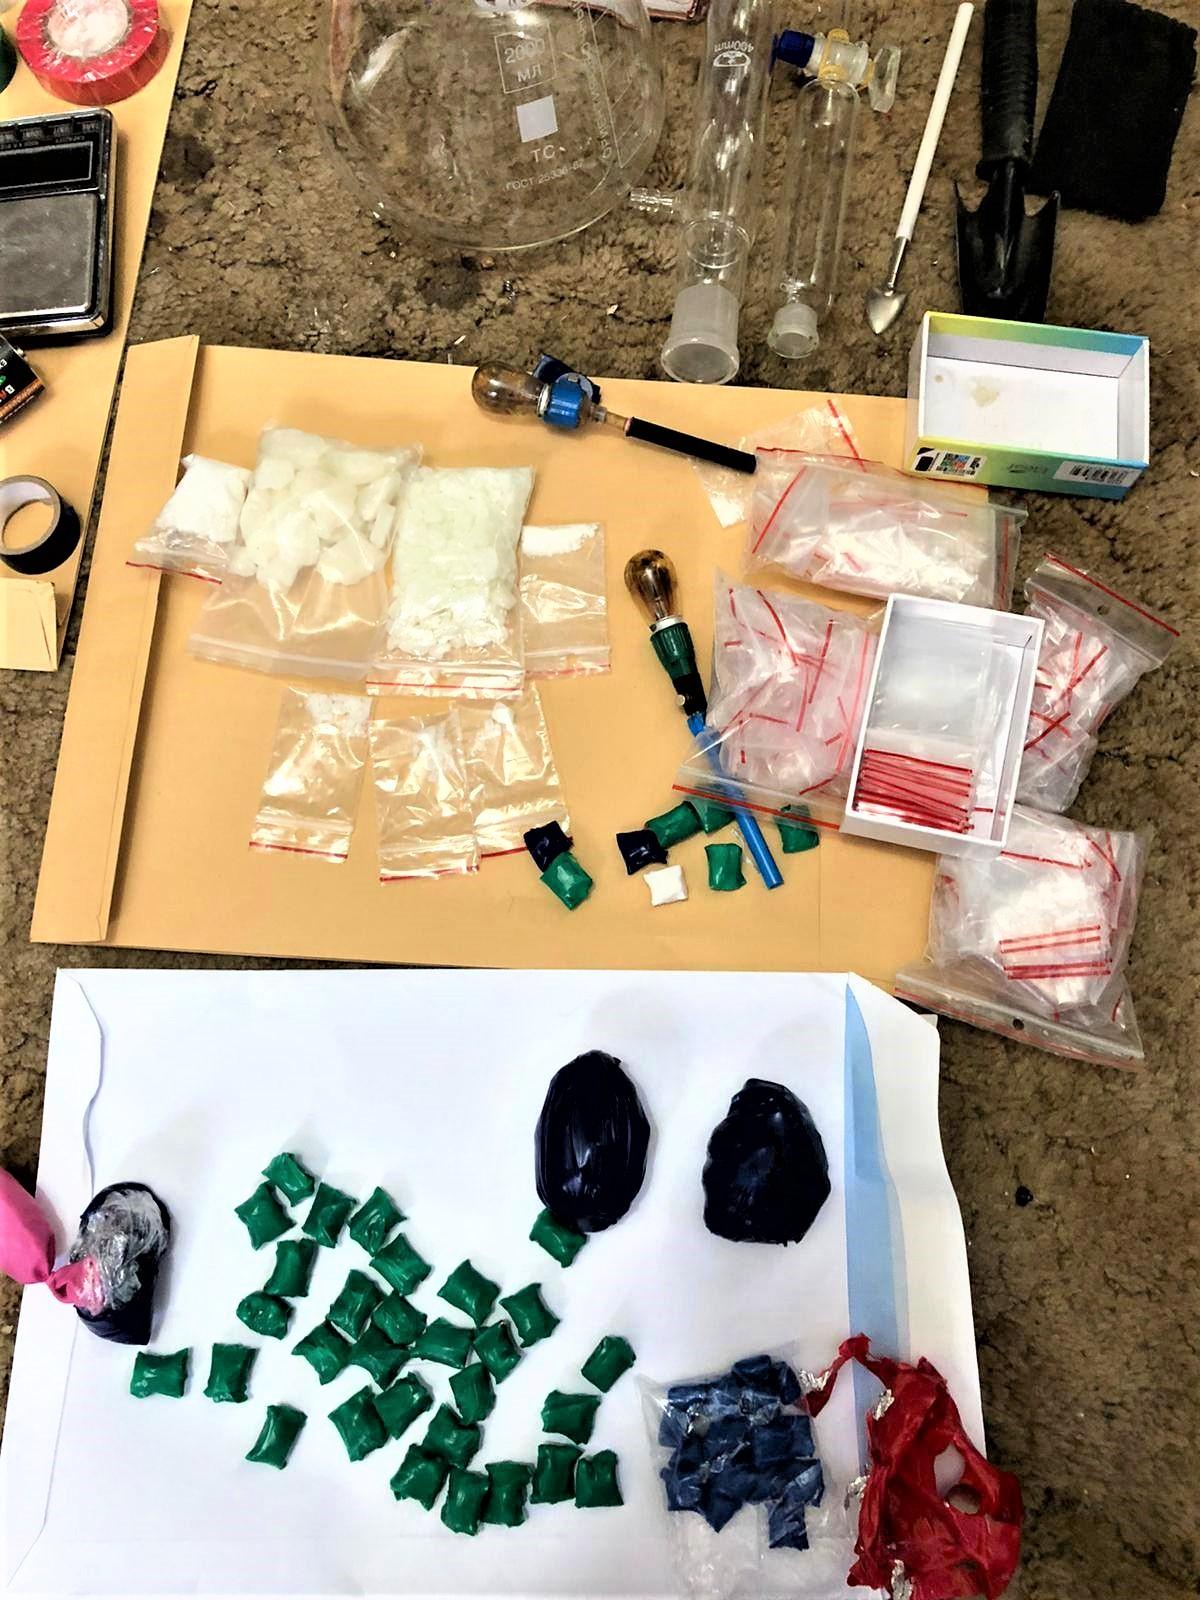 Helminth droguri opinia oamenilor